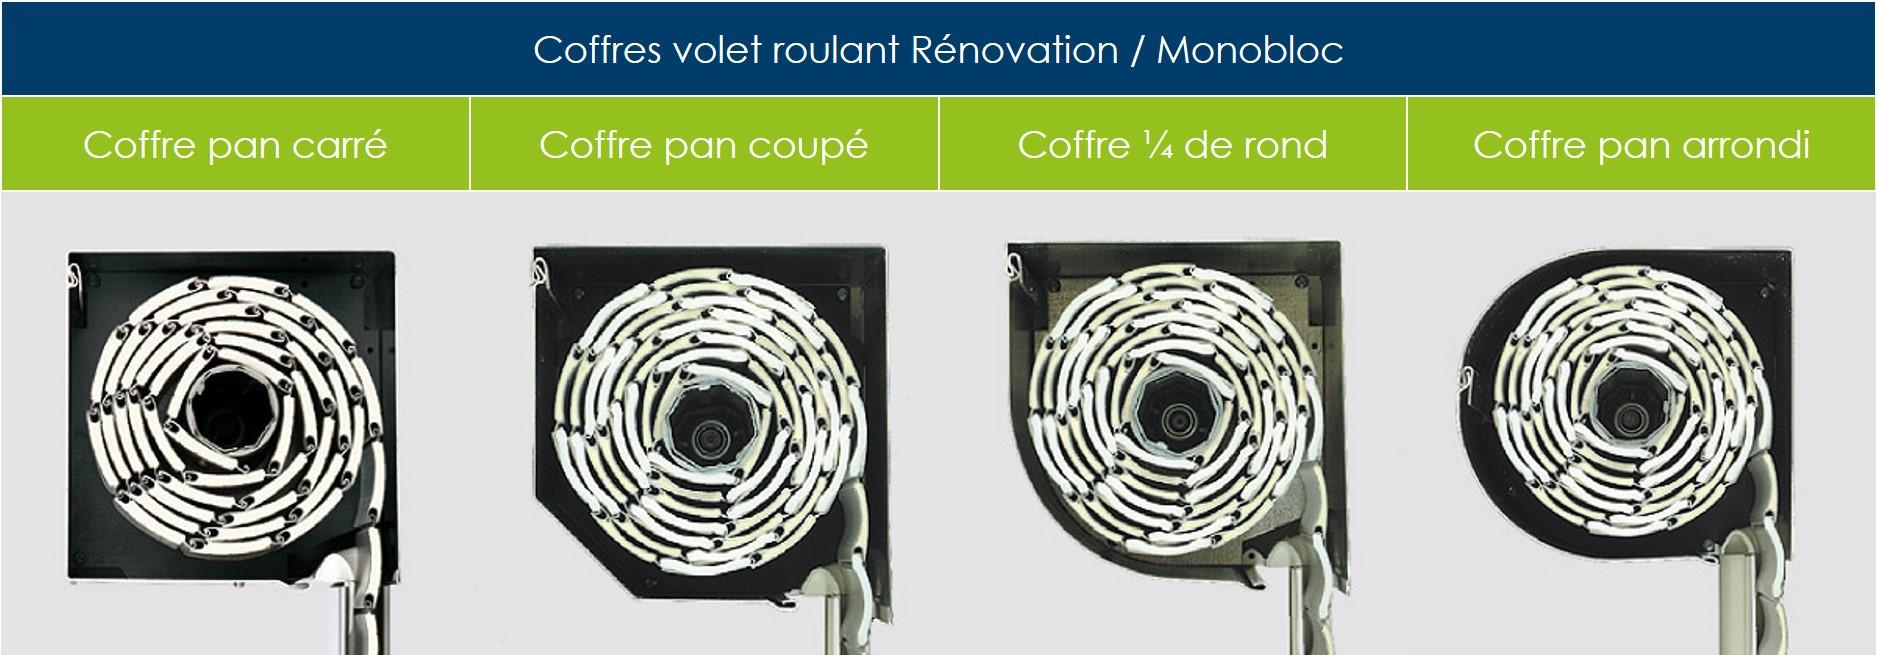 Coffre Volet Roulant Caisson Et Coffre Int Rieur Et Ext Rieur Pour